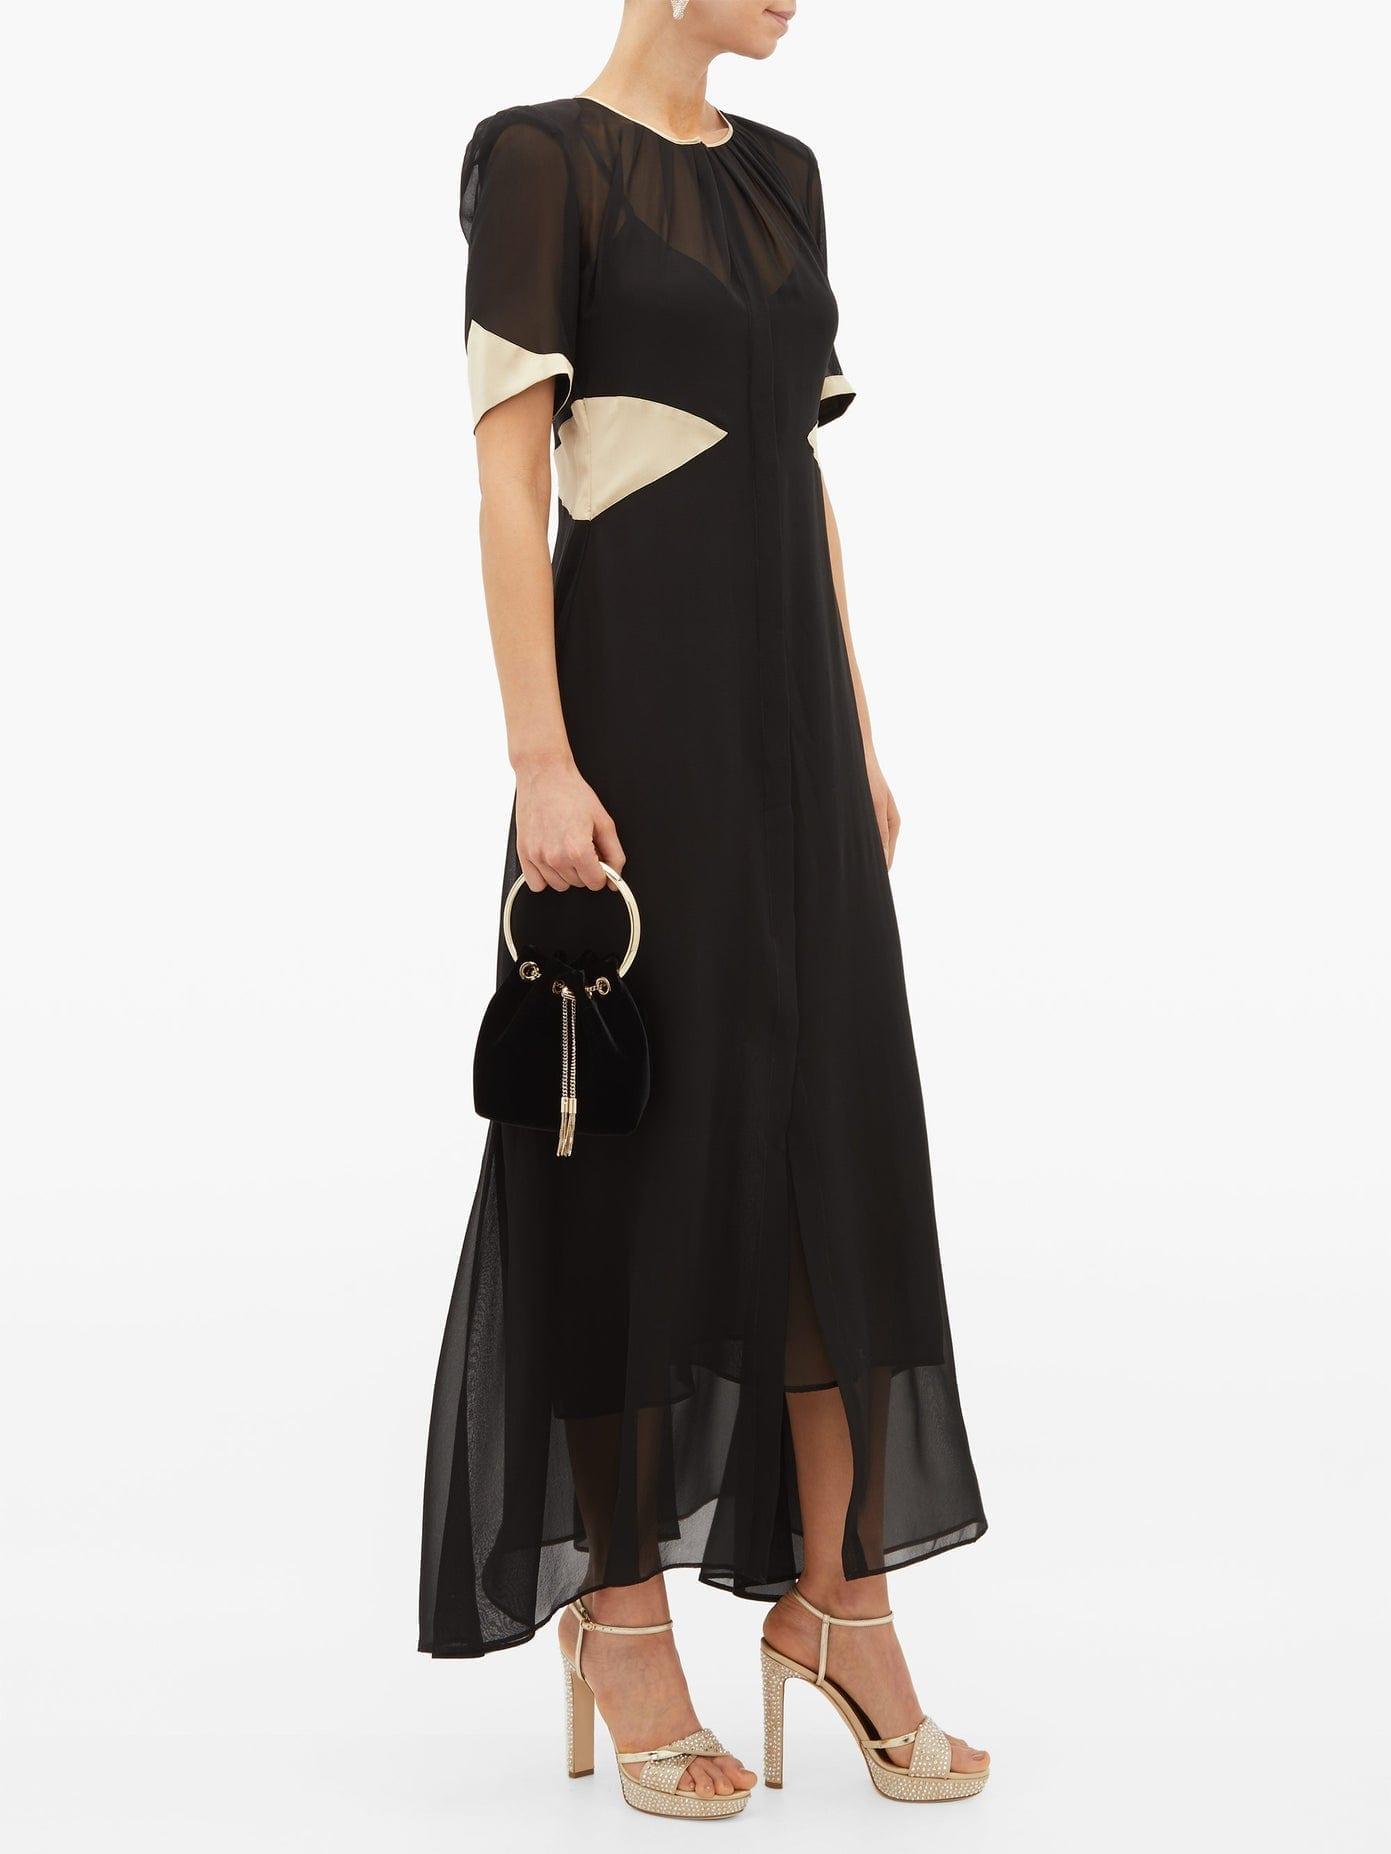 LORETTA CAPONI Lili Satin-Trimmed Silk-Georgette Dress